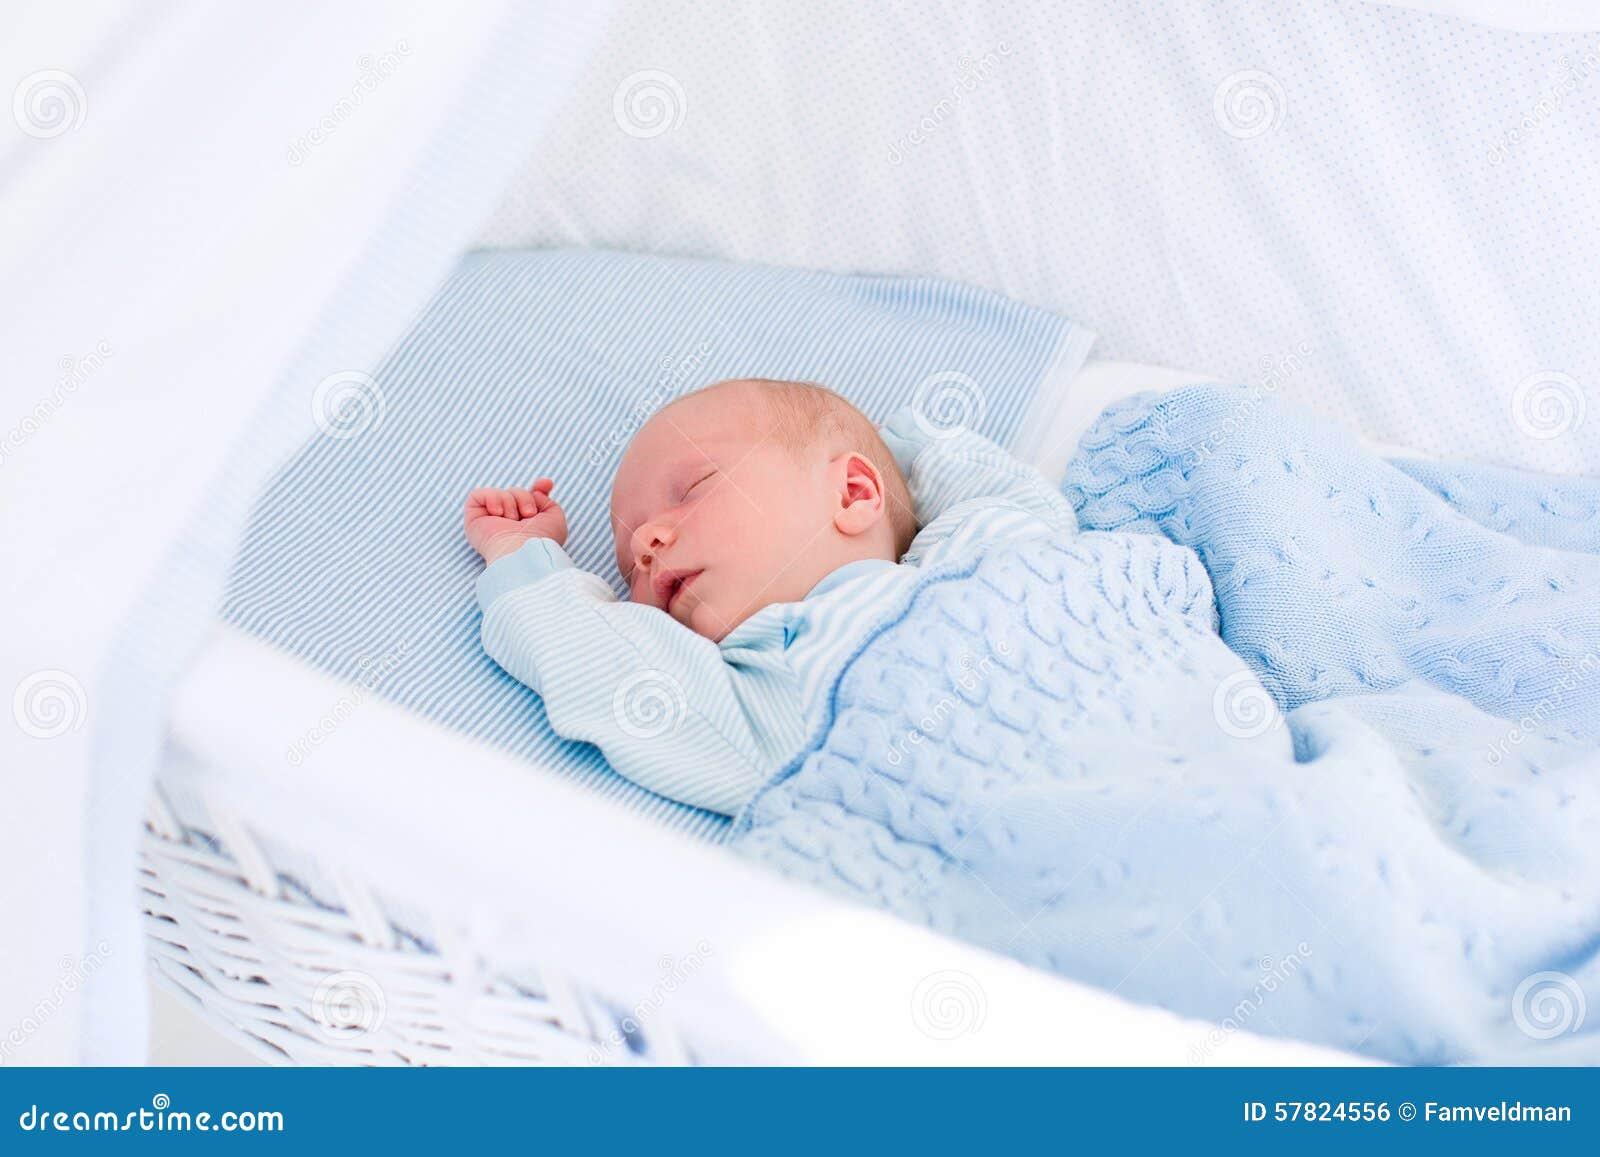 Beb reci n nacido en la cuna blanca foto de archivo - Cunas recien nacido ...